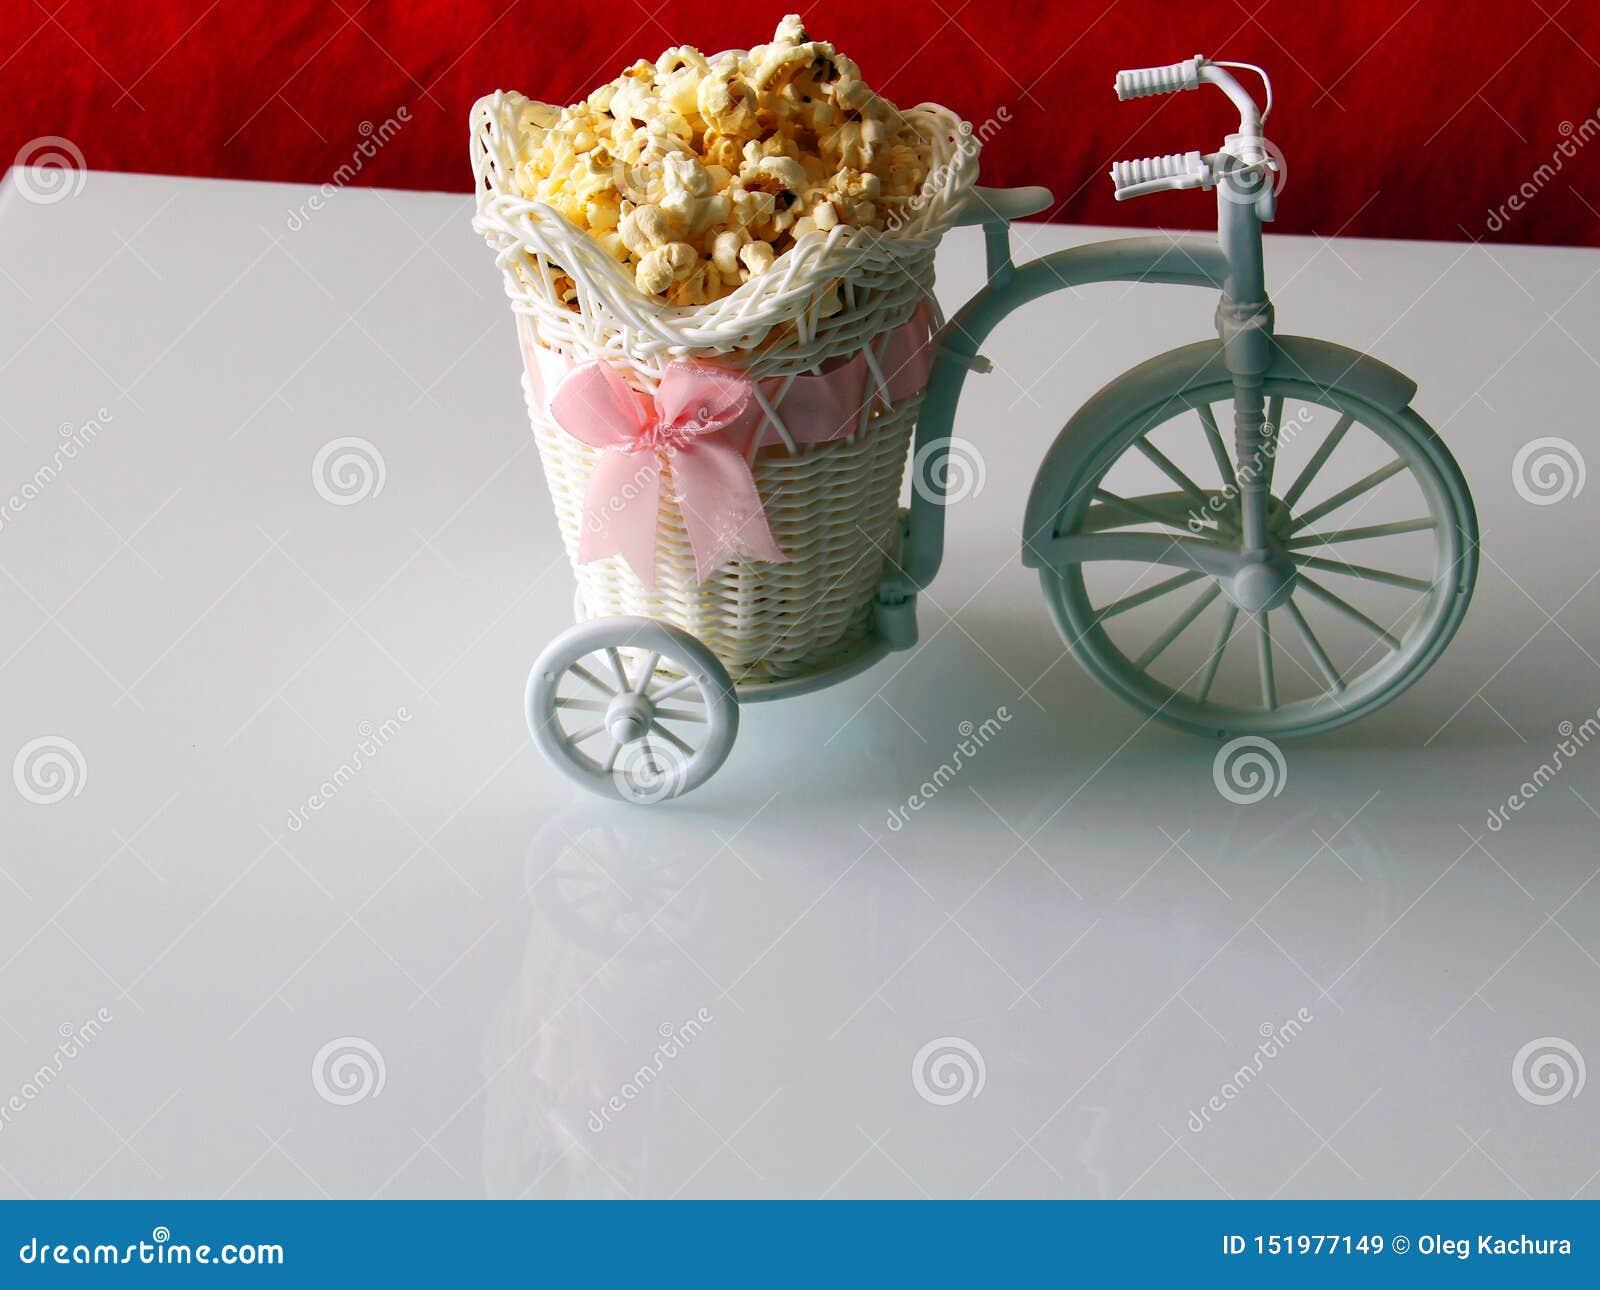 Le vélo décoratif porte le maïs éclaté dans un chariot